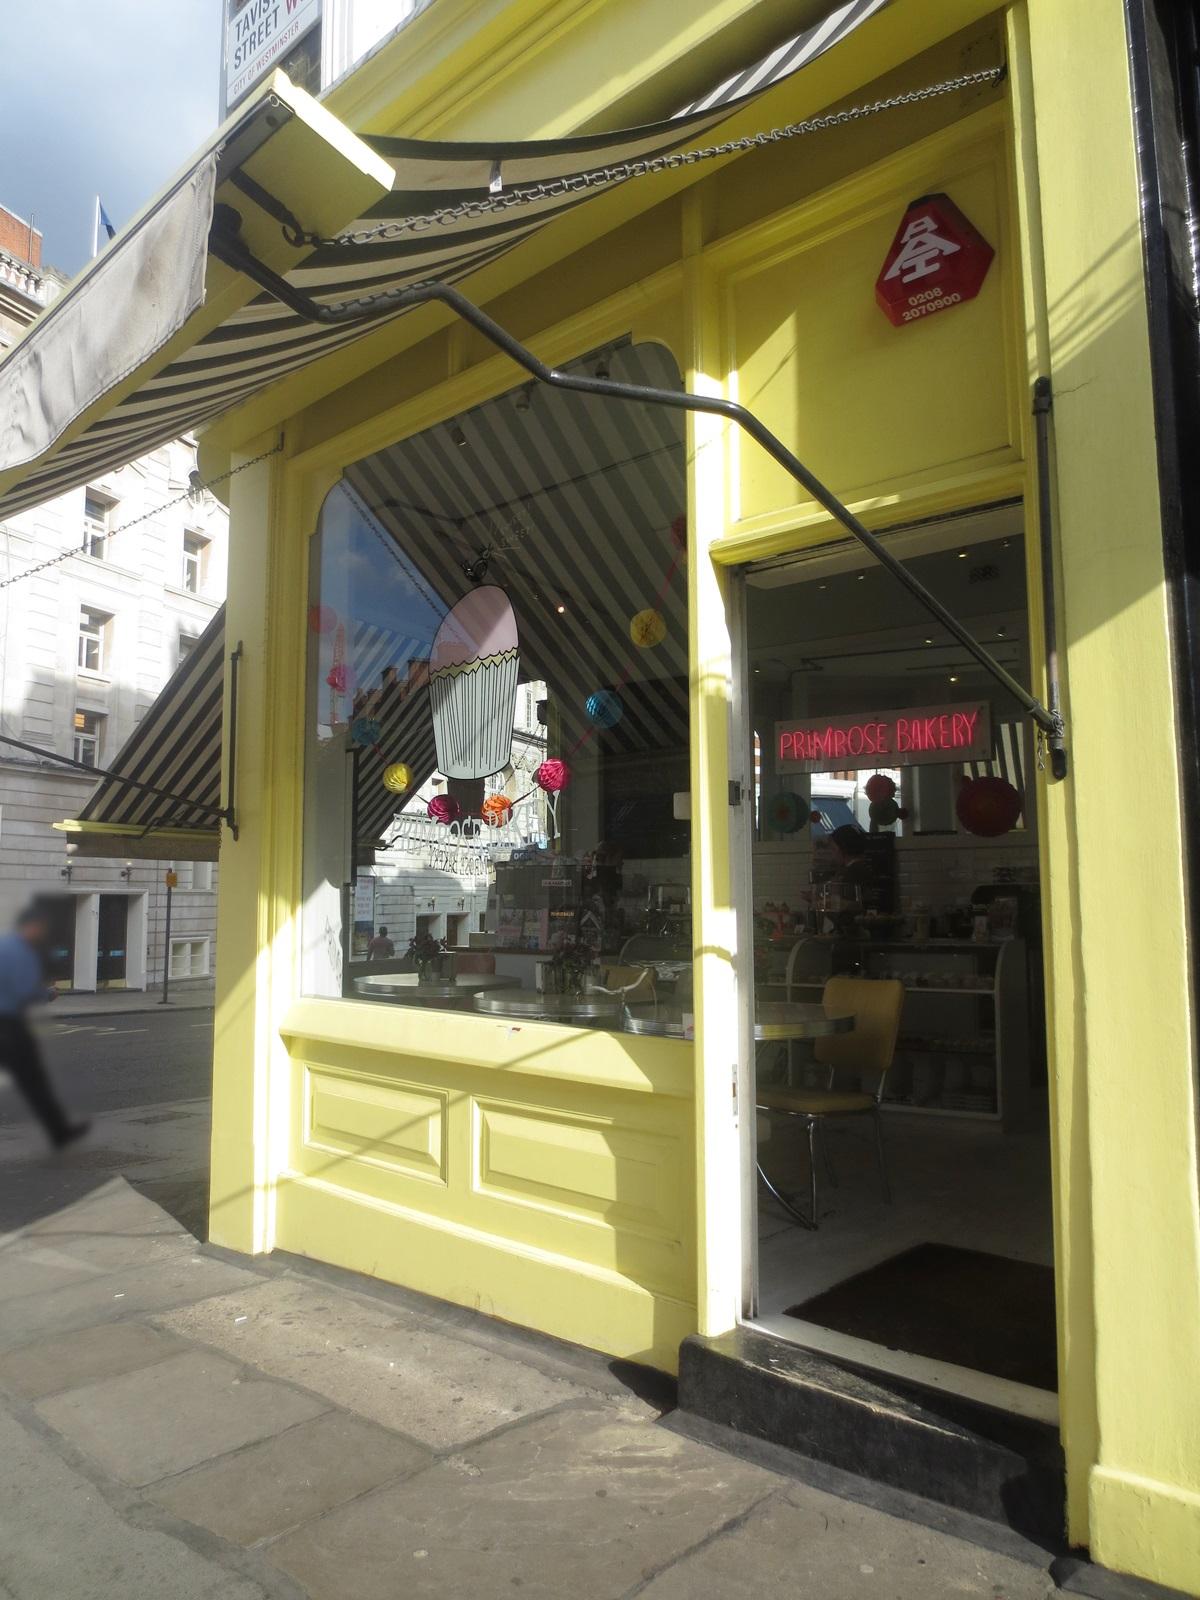 Primrose Bakery. Aroma de chocolate